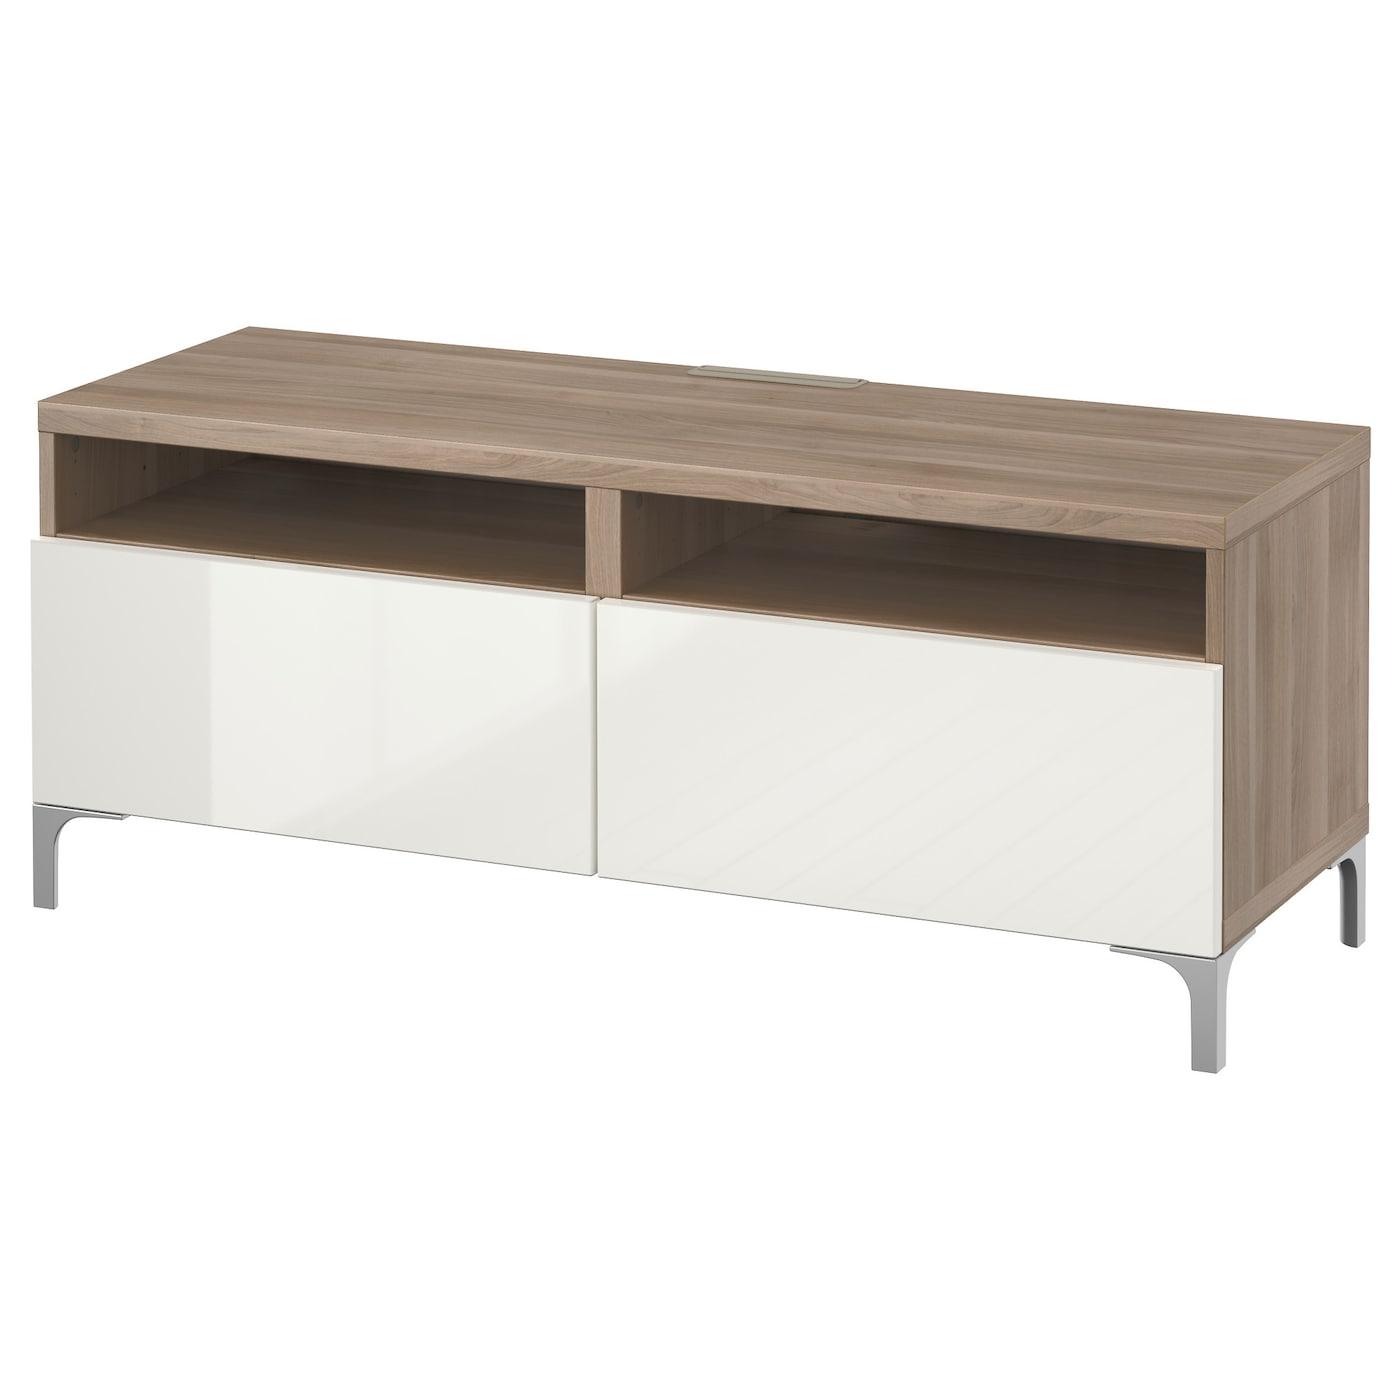 Muebles de TV y Muebles para el Salón | Compra Online IKEA - photo#42